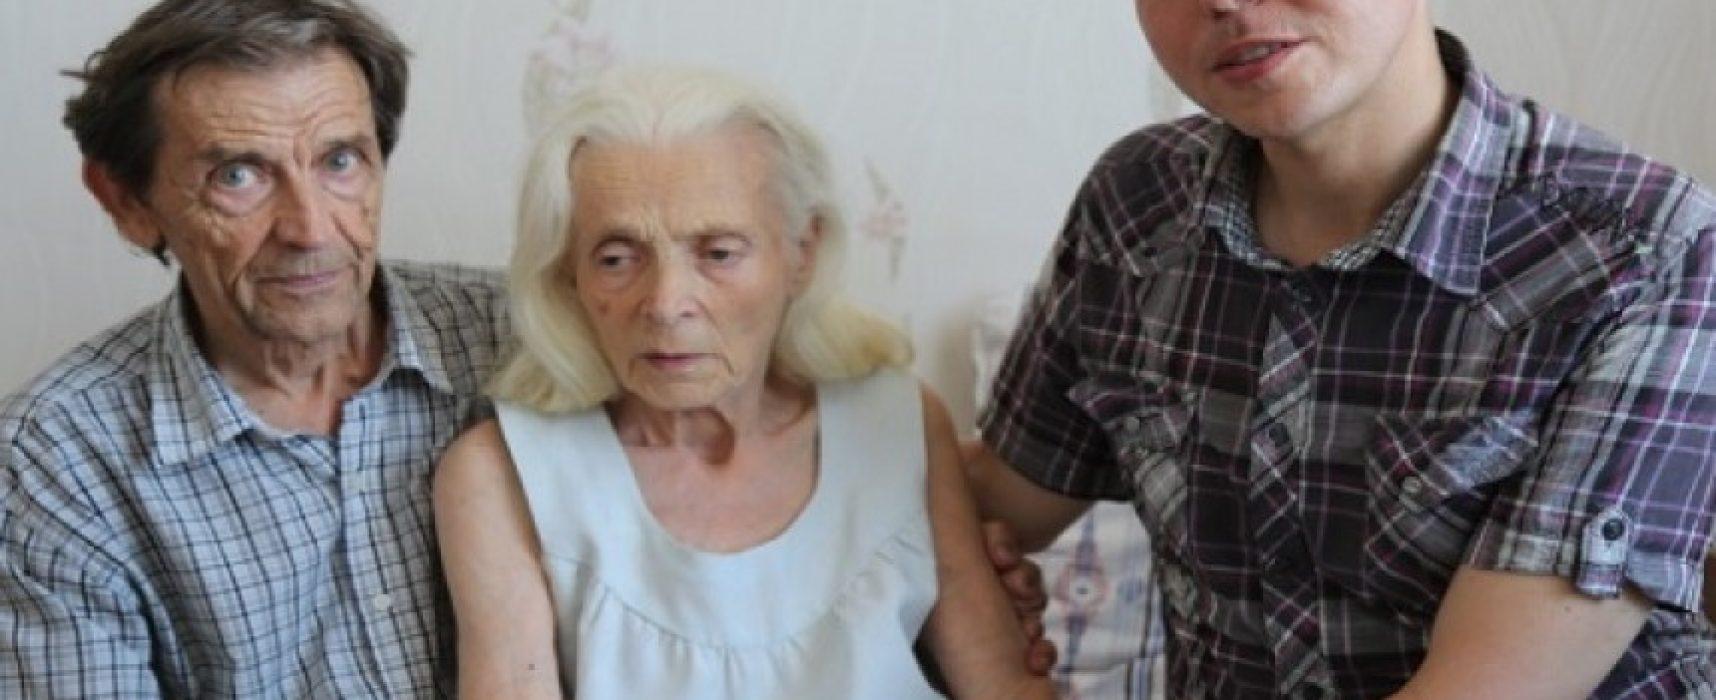 Une évasion de Crimée. L'aventure incroyable d'un ancien prisonnier politique de Crimée